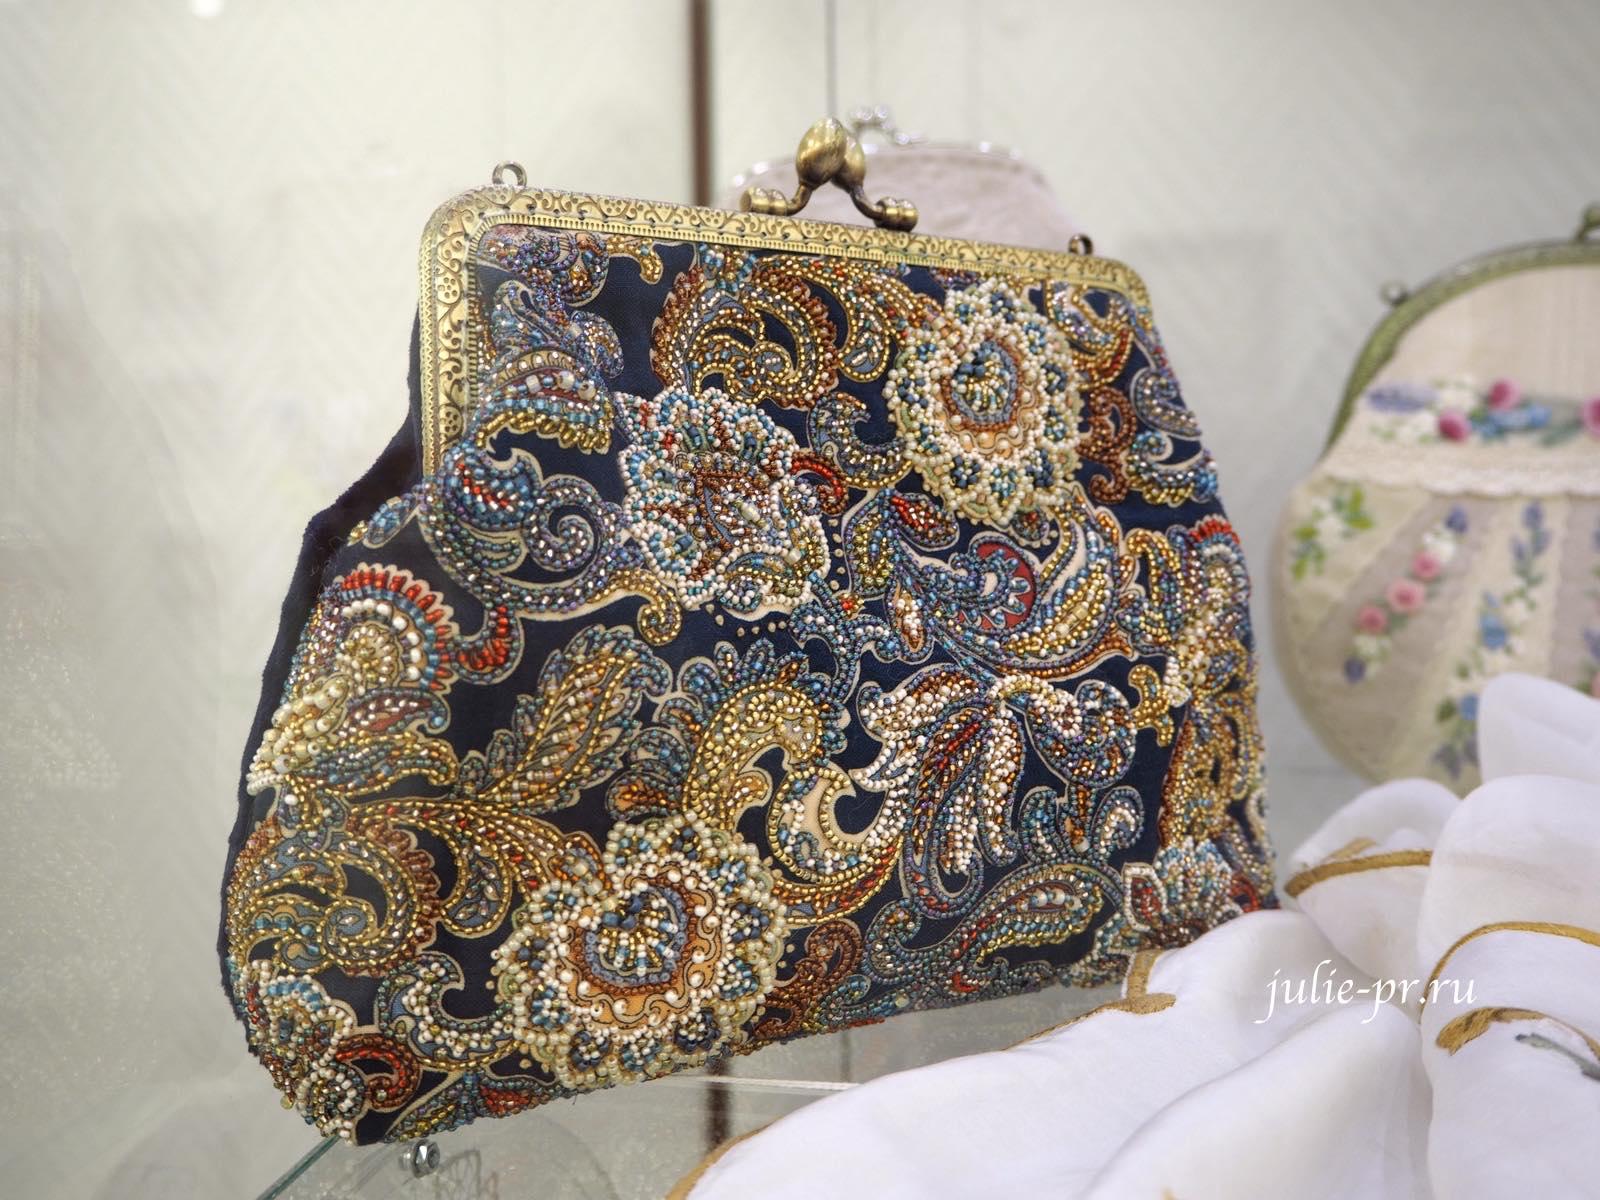 Клатч, сумка, вышивка бисером, выставка, Иголочка тонка, да достаёт до сердца, Санкт-Петербург,